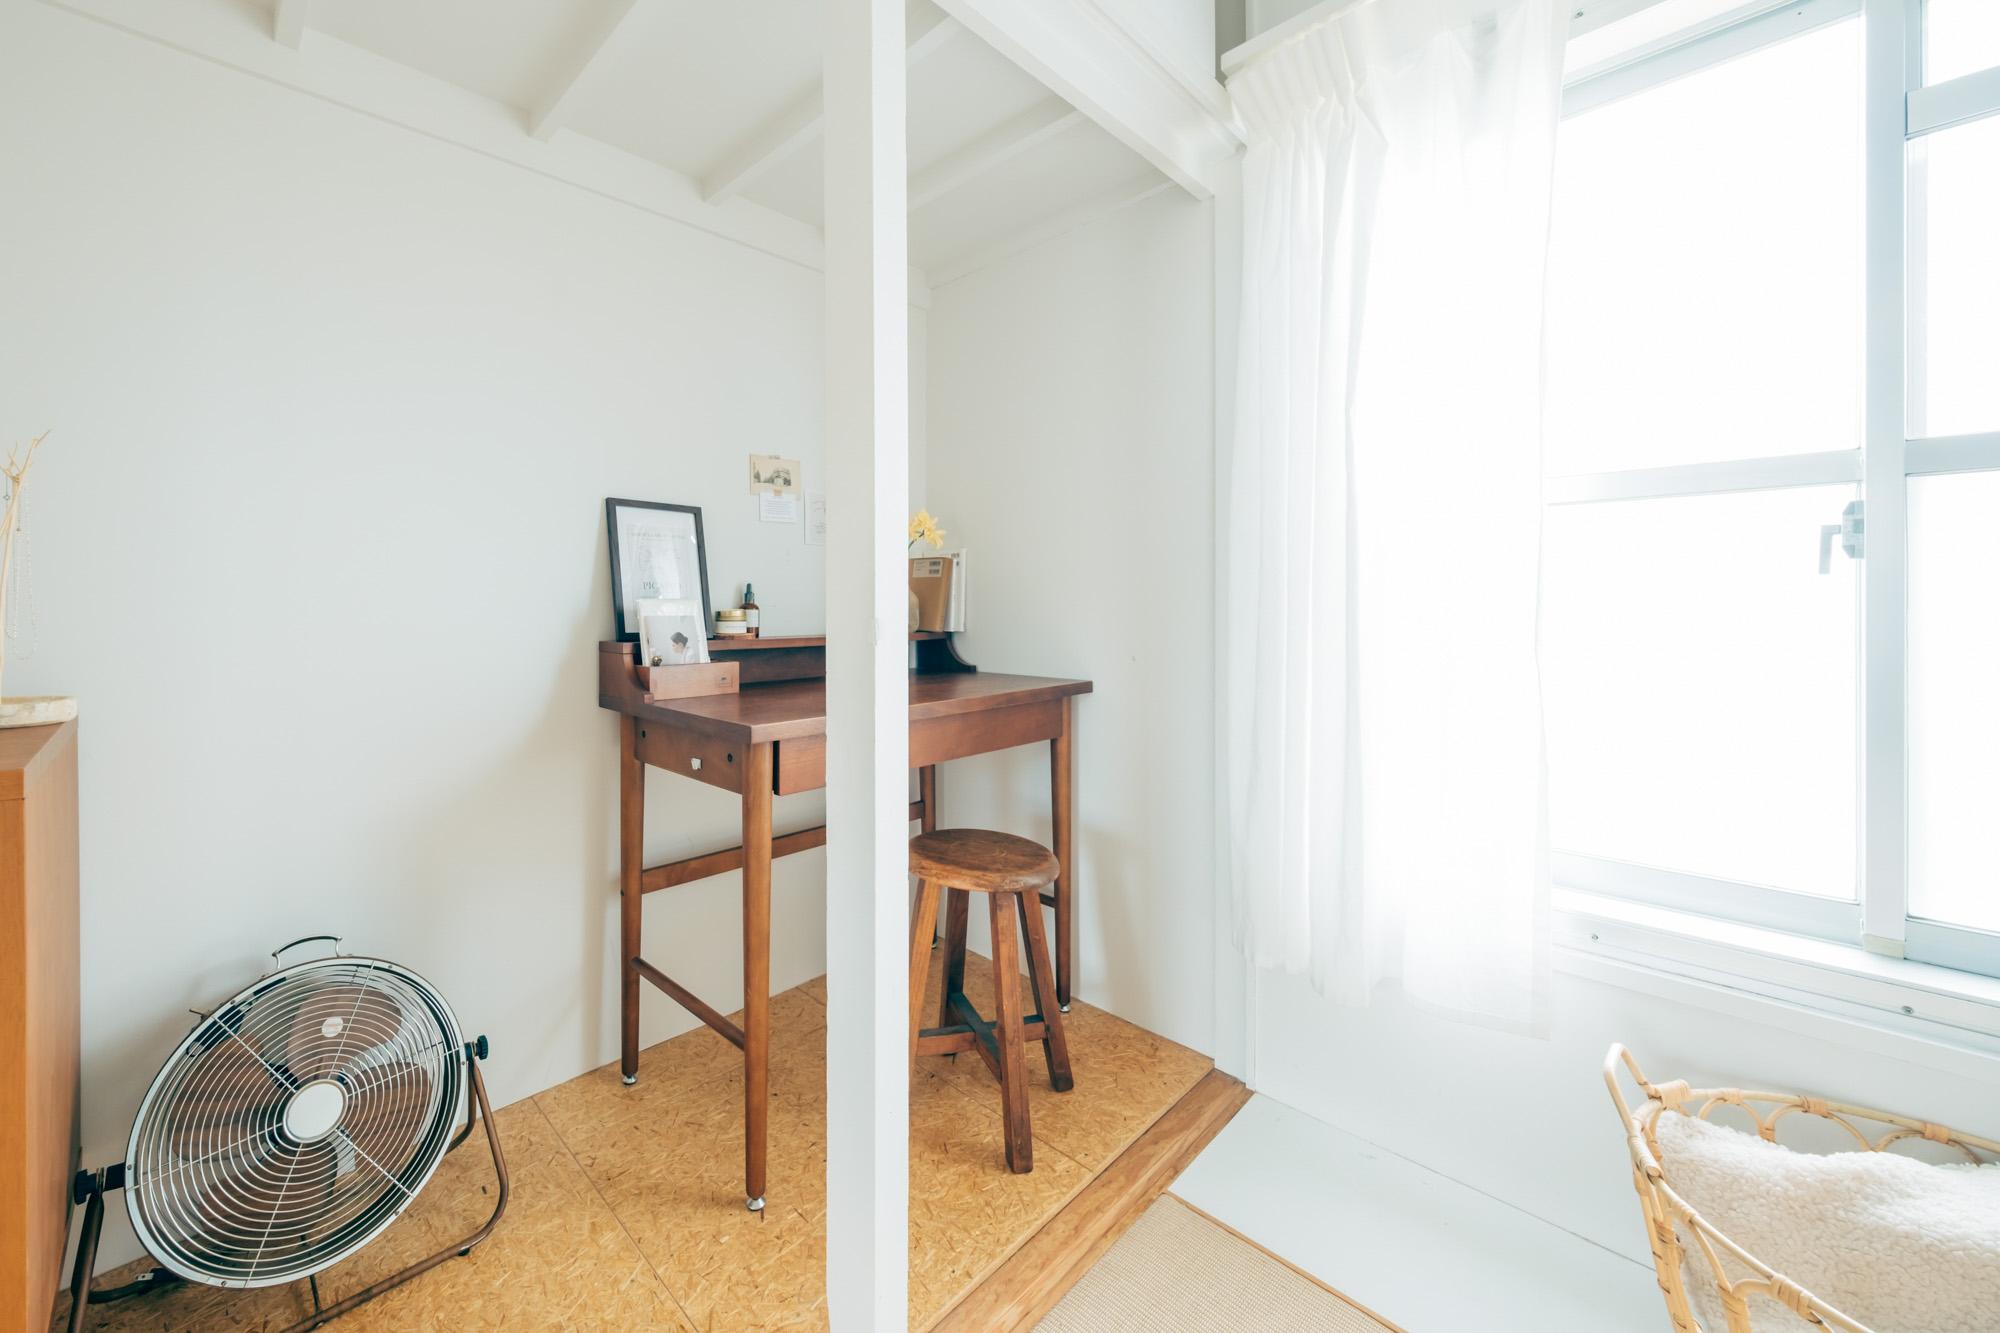 在宅ワークが多くなり、オンラインMTGの際に2人が同じ部屋にいると、音の問題もあったそう。今は、Yuさんが書斎スペース、Mioさんがベッド横のスペースと分かれて仕事ができるようにされています。